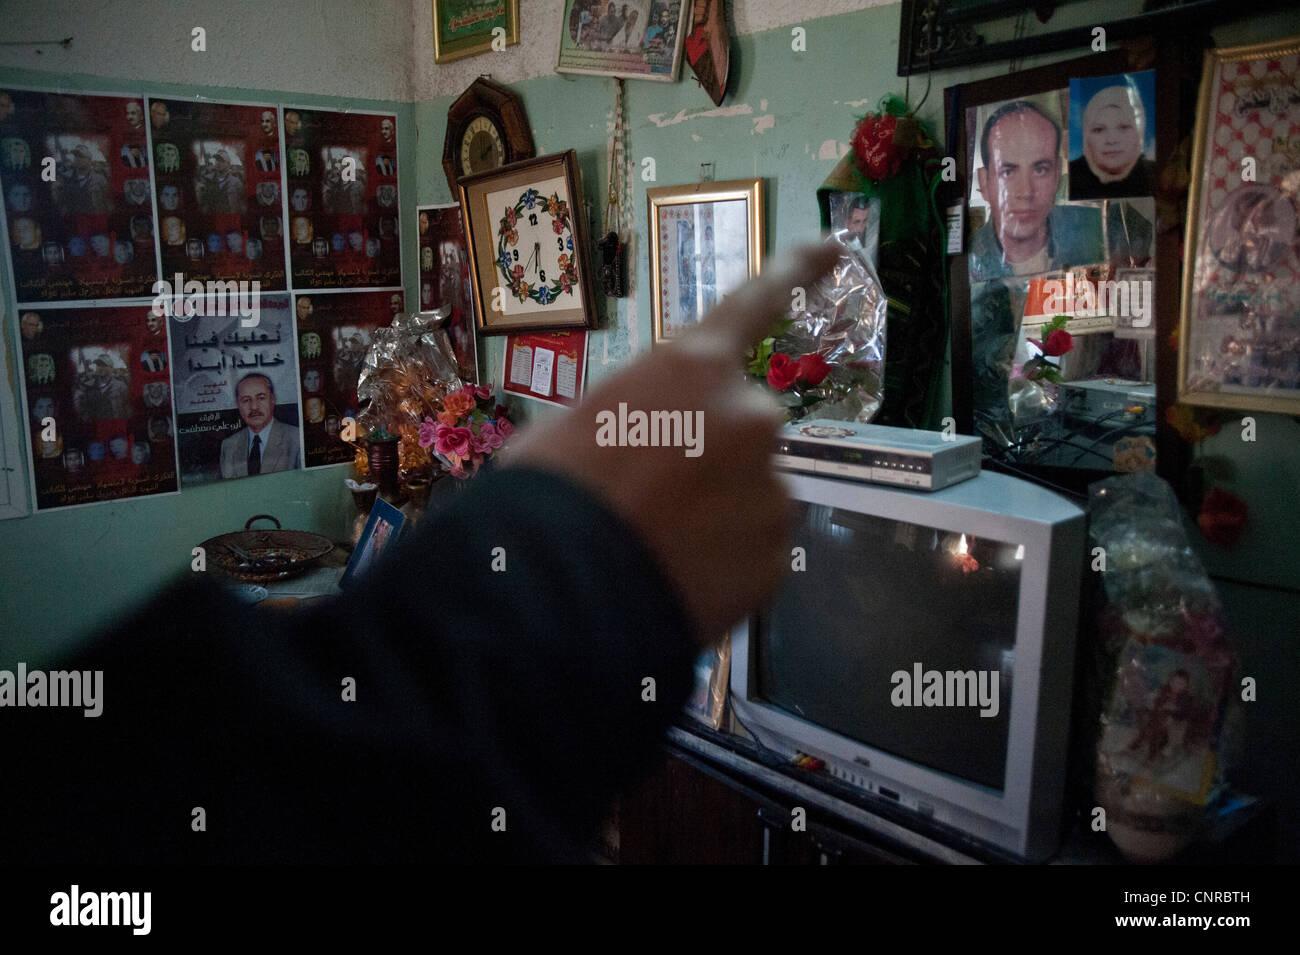 die alte dame von awarta wer schl ft nur mit ihren fotos von m rtyrern die bilder der m rtyrer. Black Bedroom Furniture Sets. Home Design Ideas